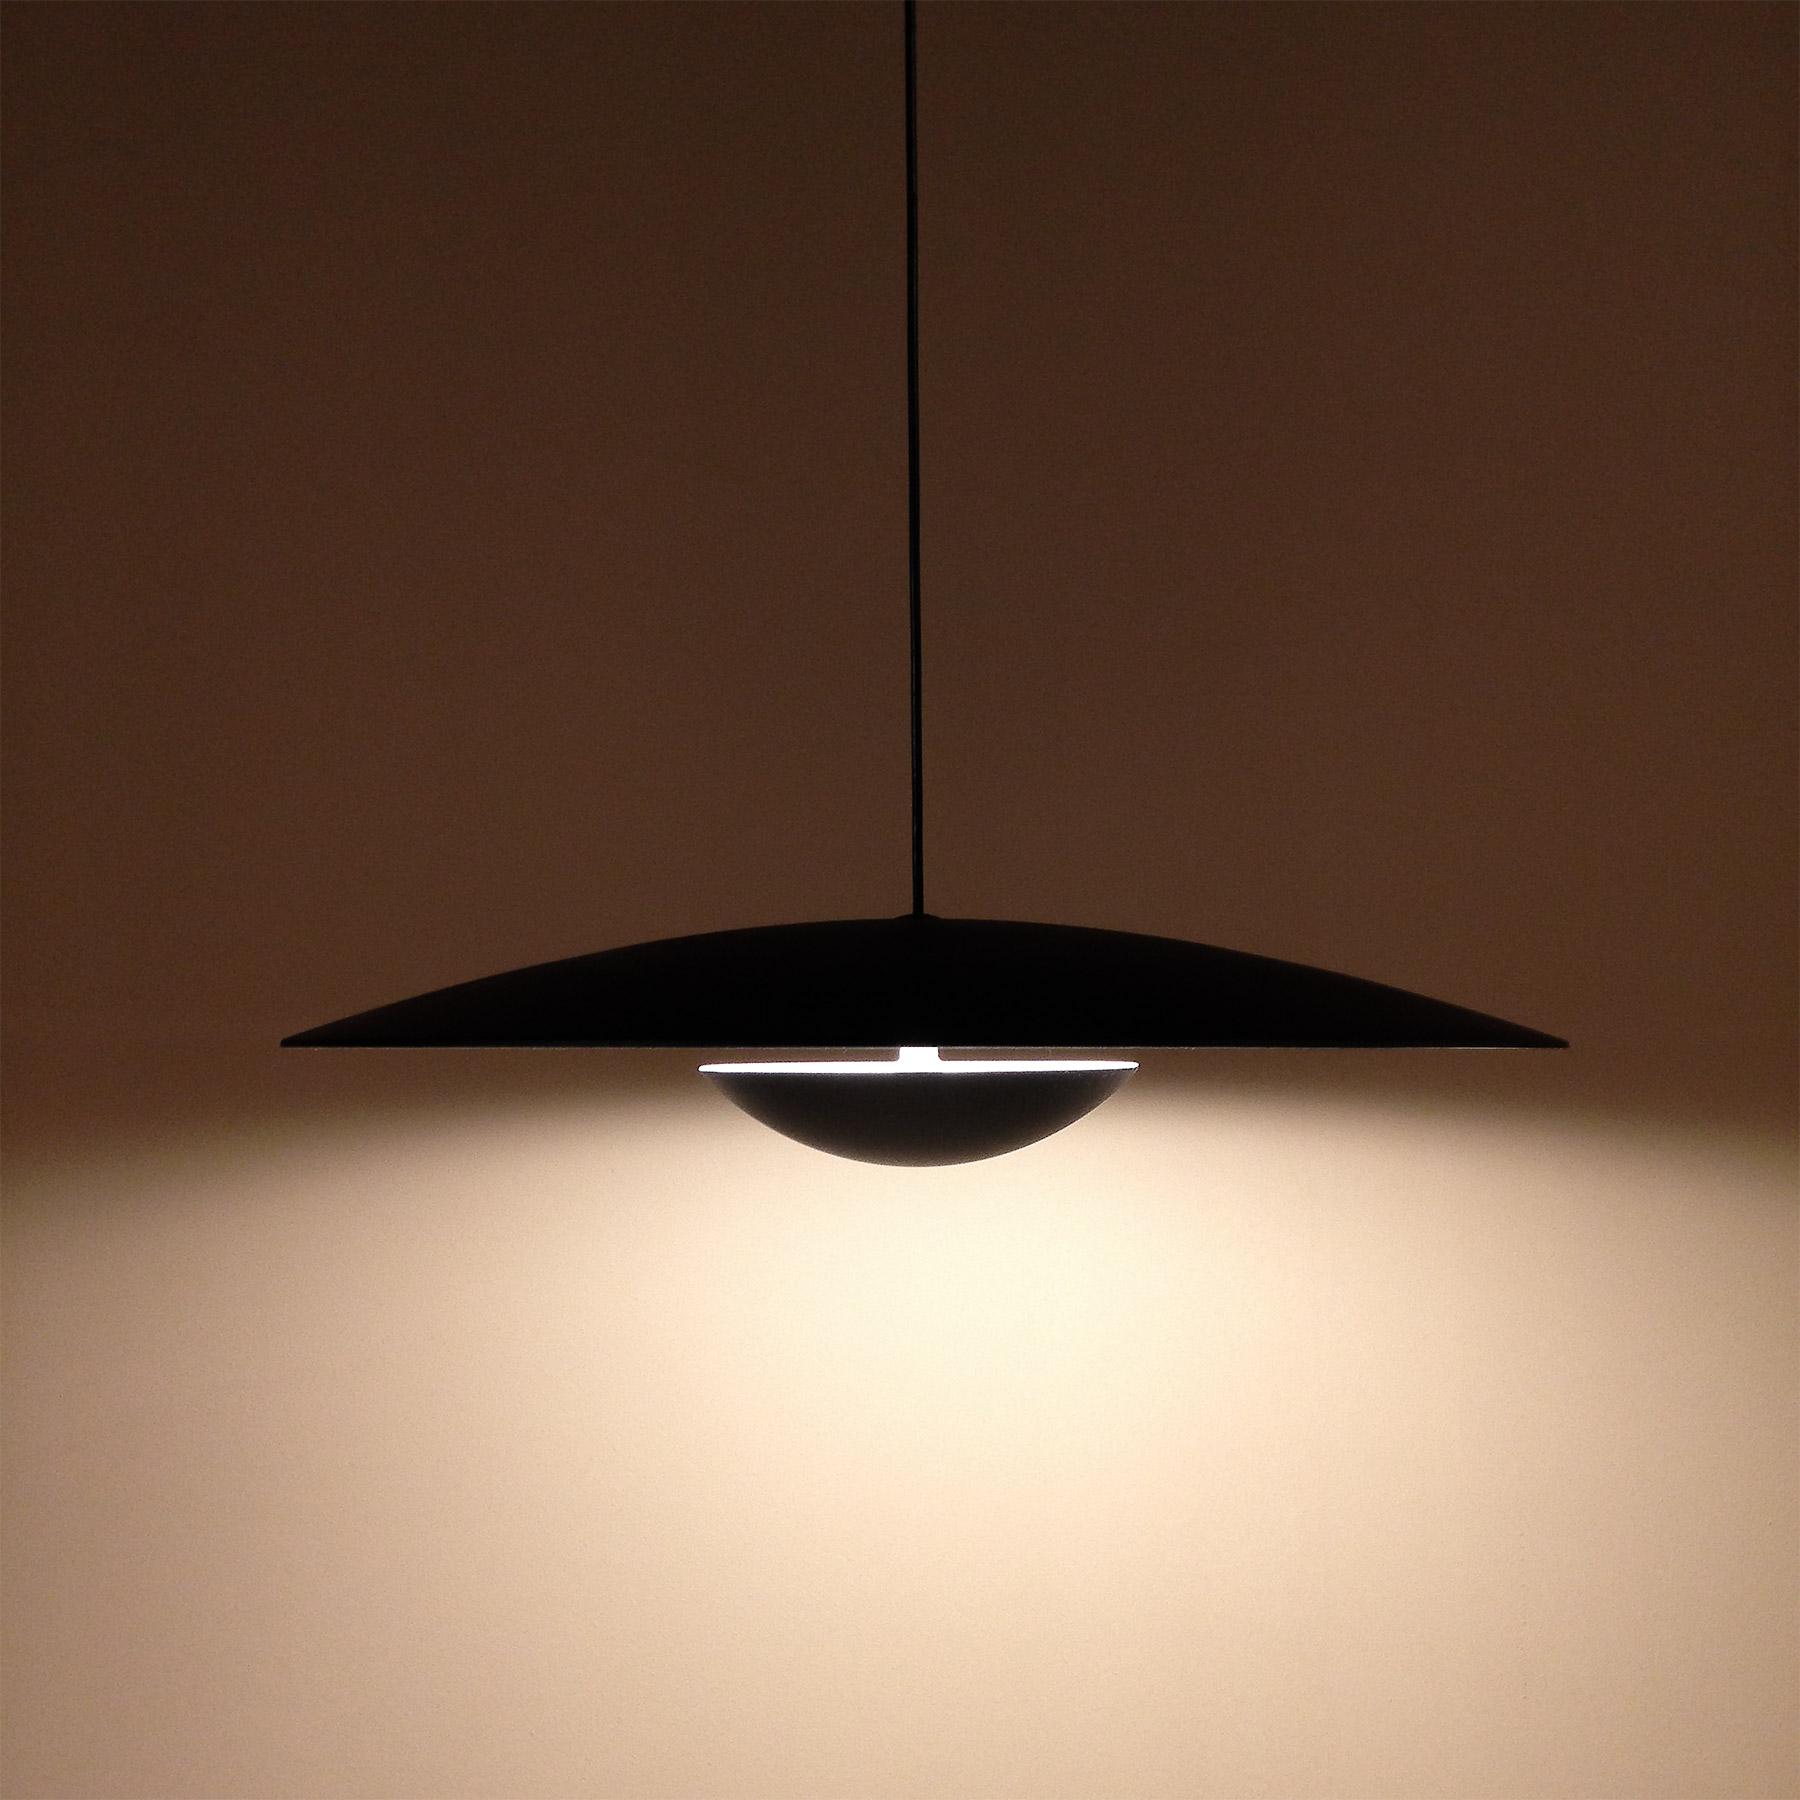 Ginger pendant light by Joan Gaspar for Marset